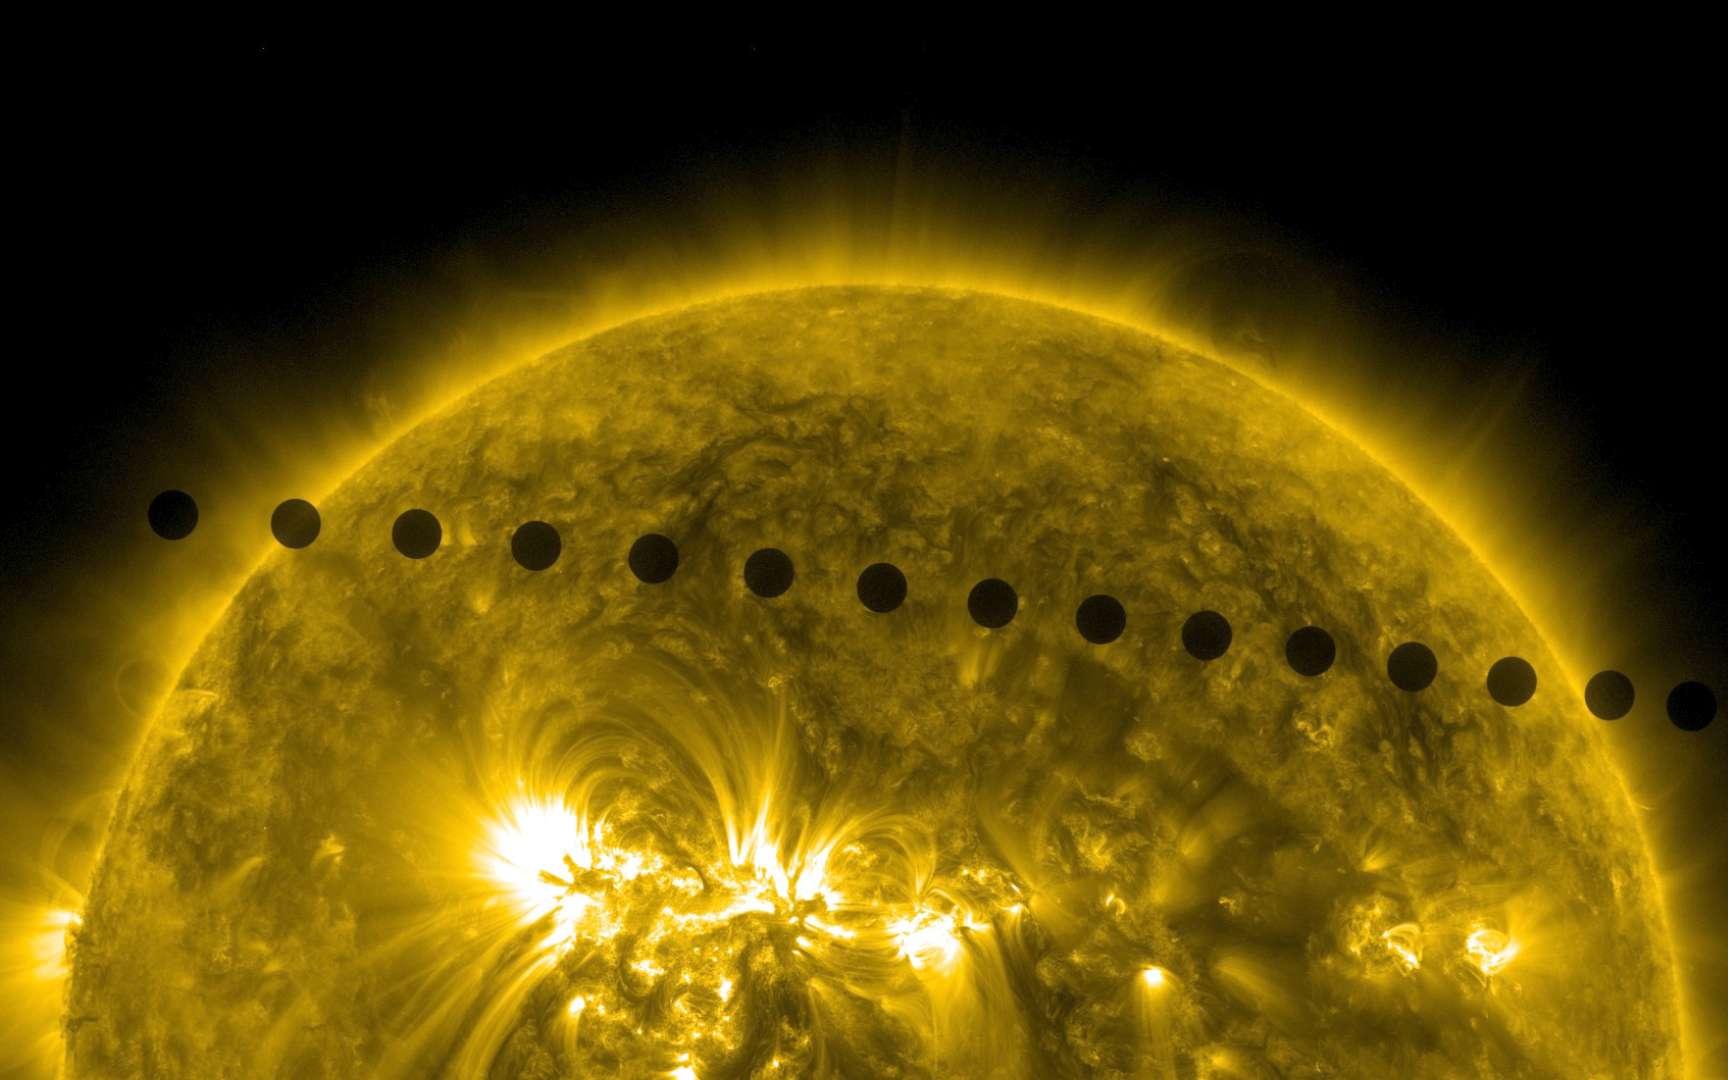 Le 5 et 6 juin 2012, Vénus passait devant le Soleil. Le satellite SDO a suivi ce rare événement, qui ne se reproduira pas avant un siècle. © Nasa, SDO, AIA